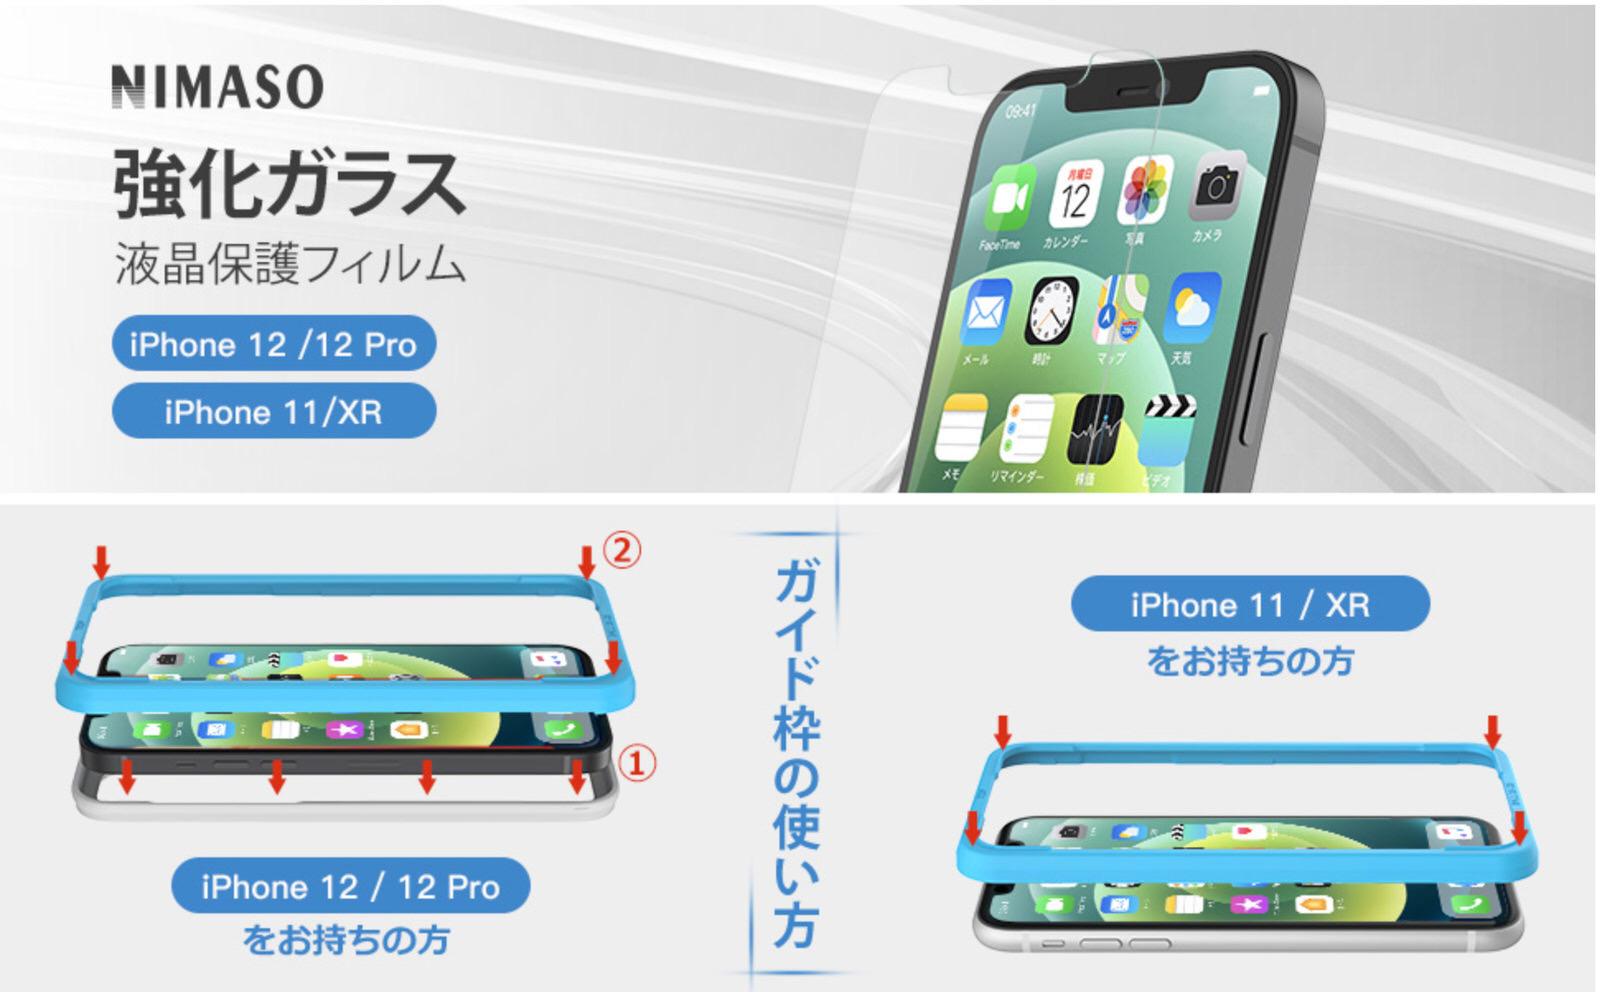 【2枚セット】NIMASO iPhone12 /iPhone 12 Pro/iPhone 11 / XR 用 ガラスフィルム 【ガイド枠付き】−4